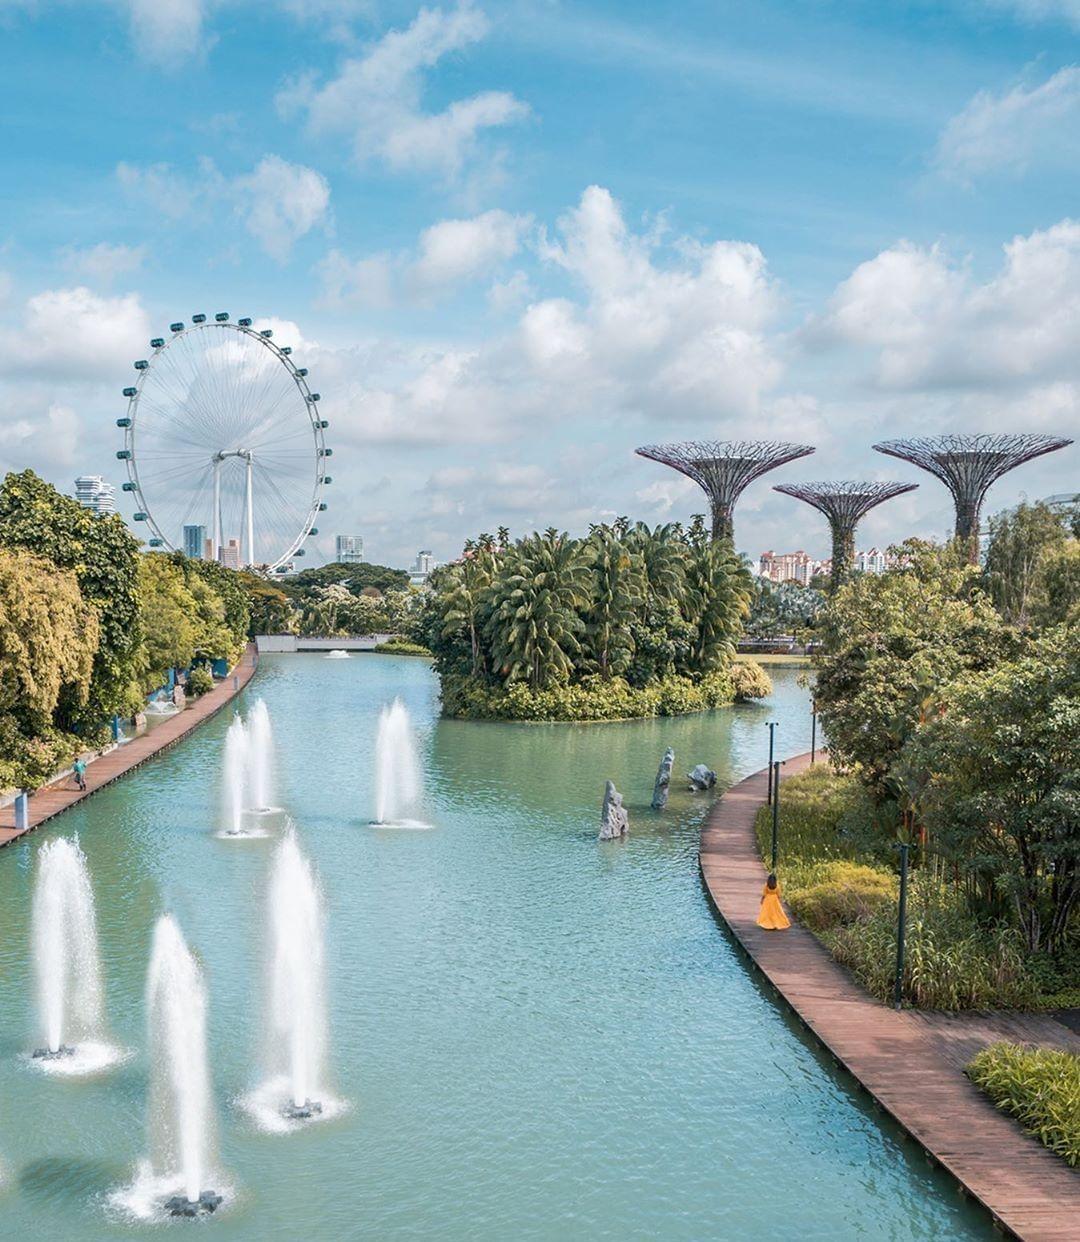 亲和新加坡:城市风光华丽动人,自然美景精致典雅